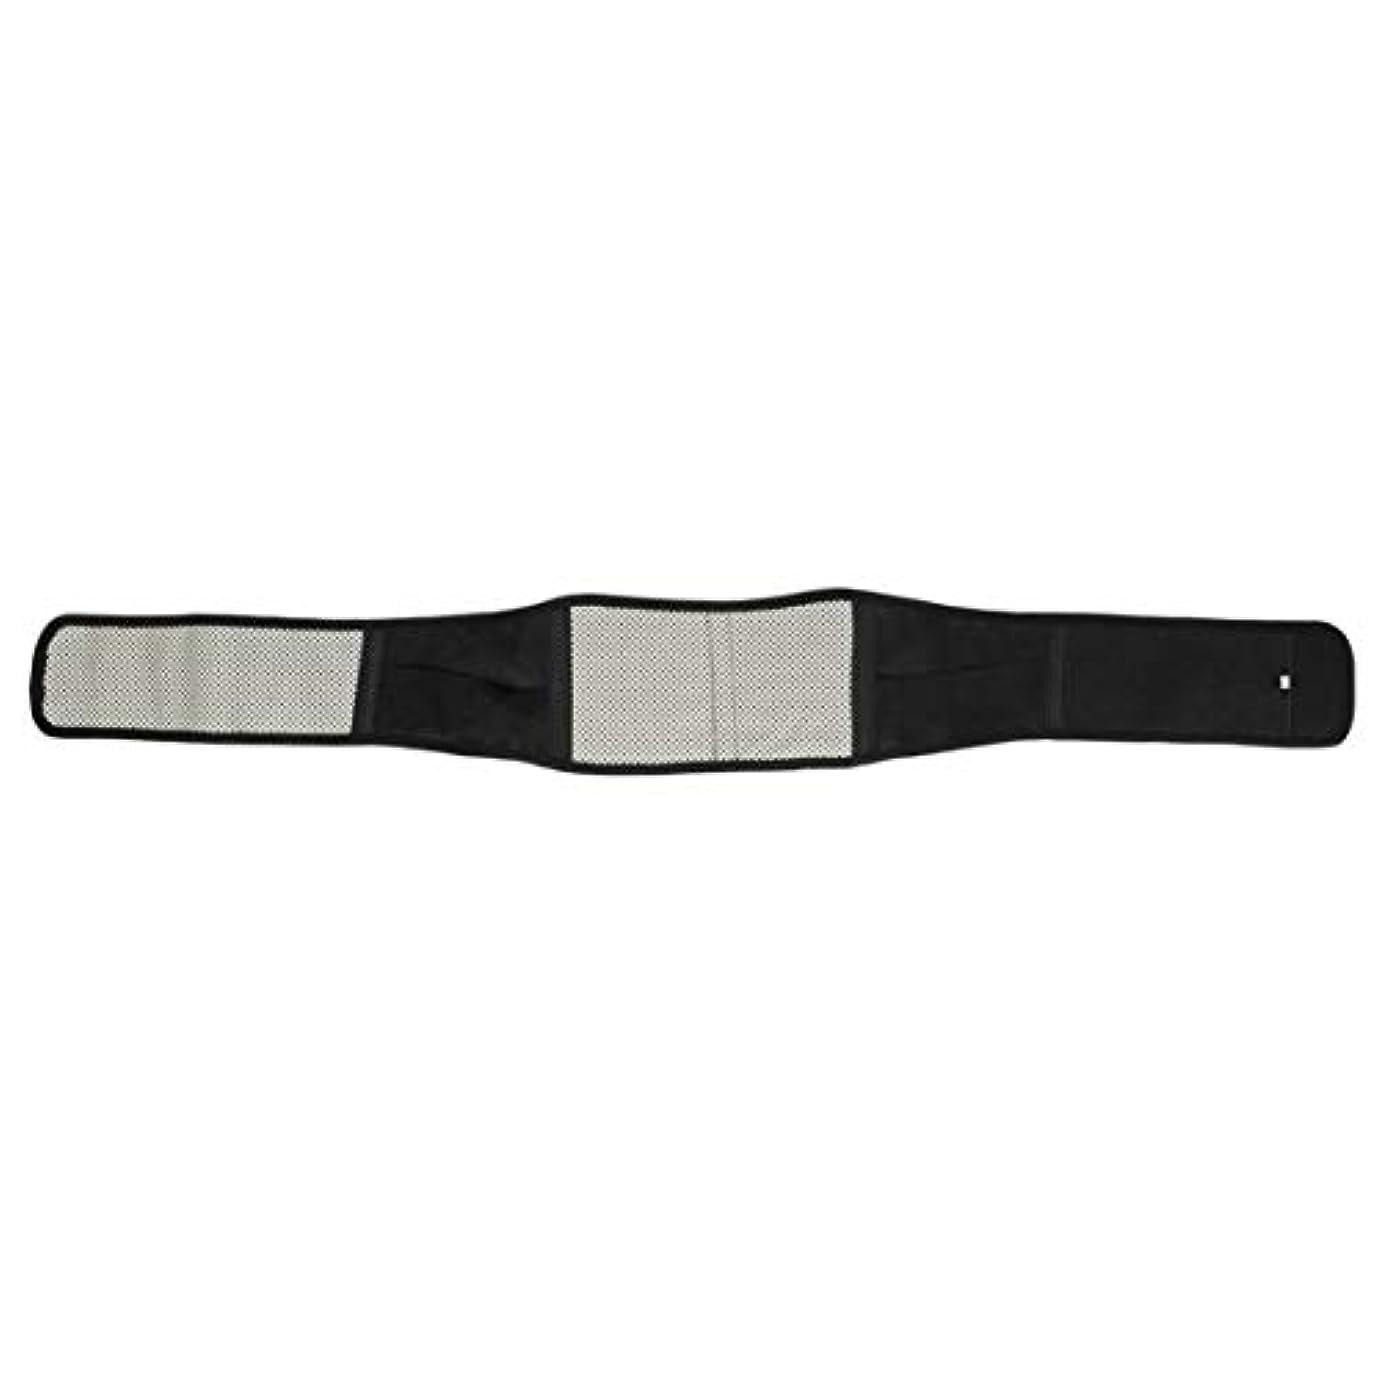 腰部サポート痛みマッサージャー赤外線磁気バックブレース自己加熱療法ウエストベルト調節可能な姿勢ベルト